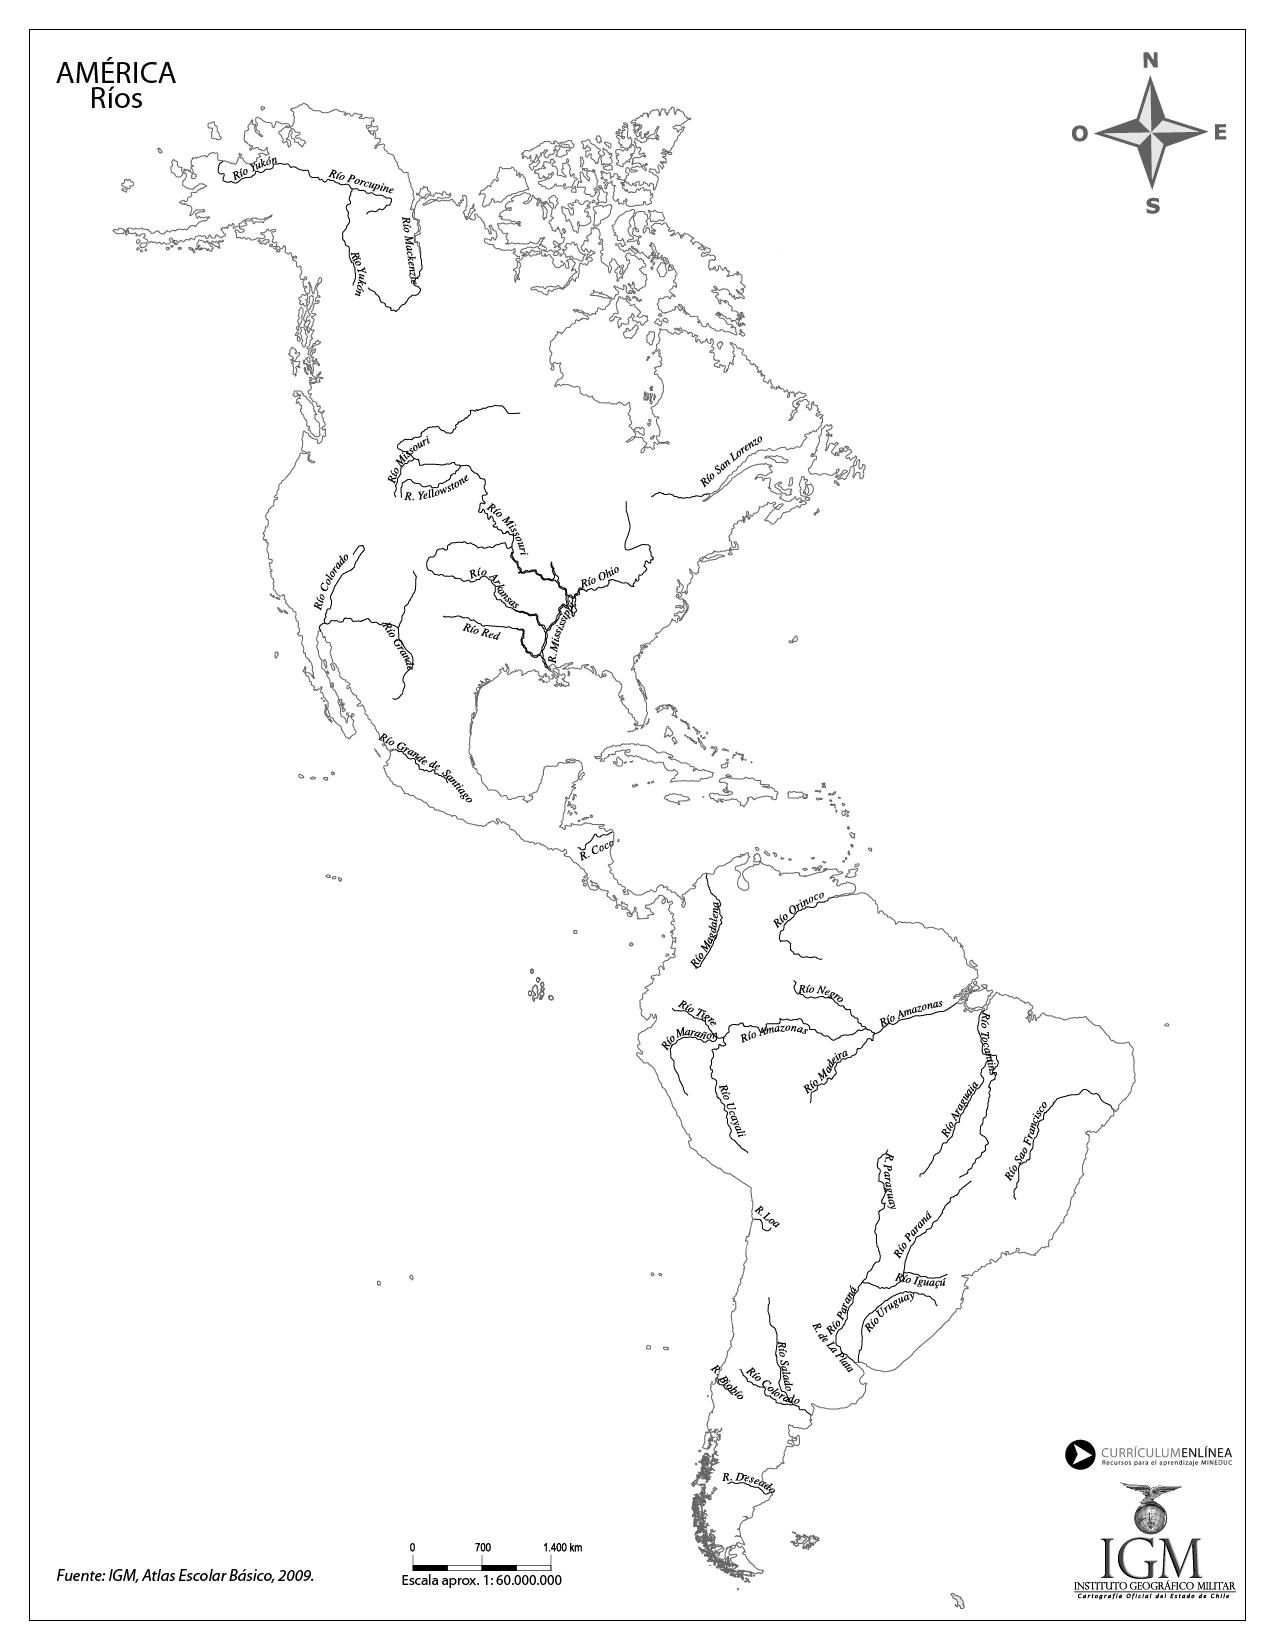 Mapa de Amrica con los principales ros  Currculum en lnea